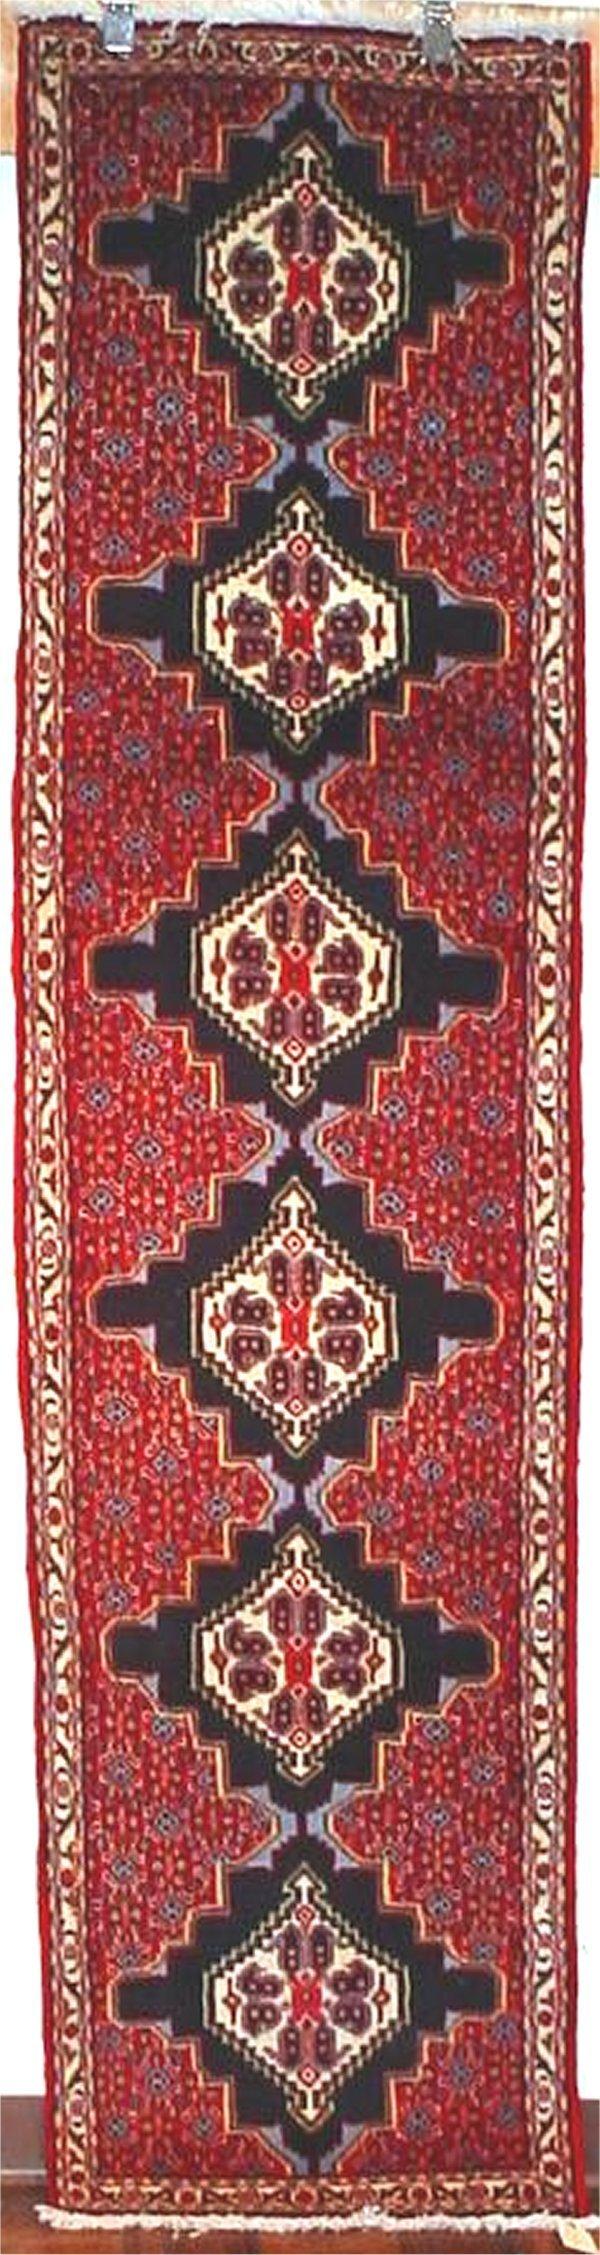 20: FINE PERSIAN BIJAR RUNNER 2 X 8.3